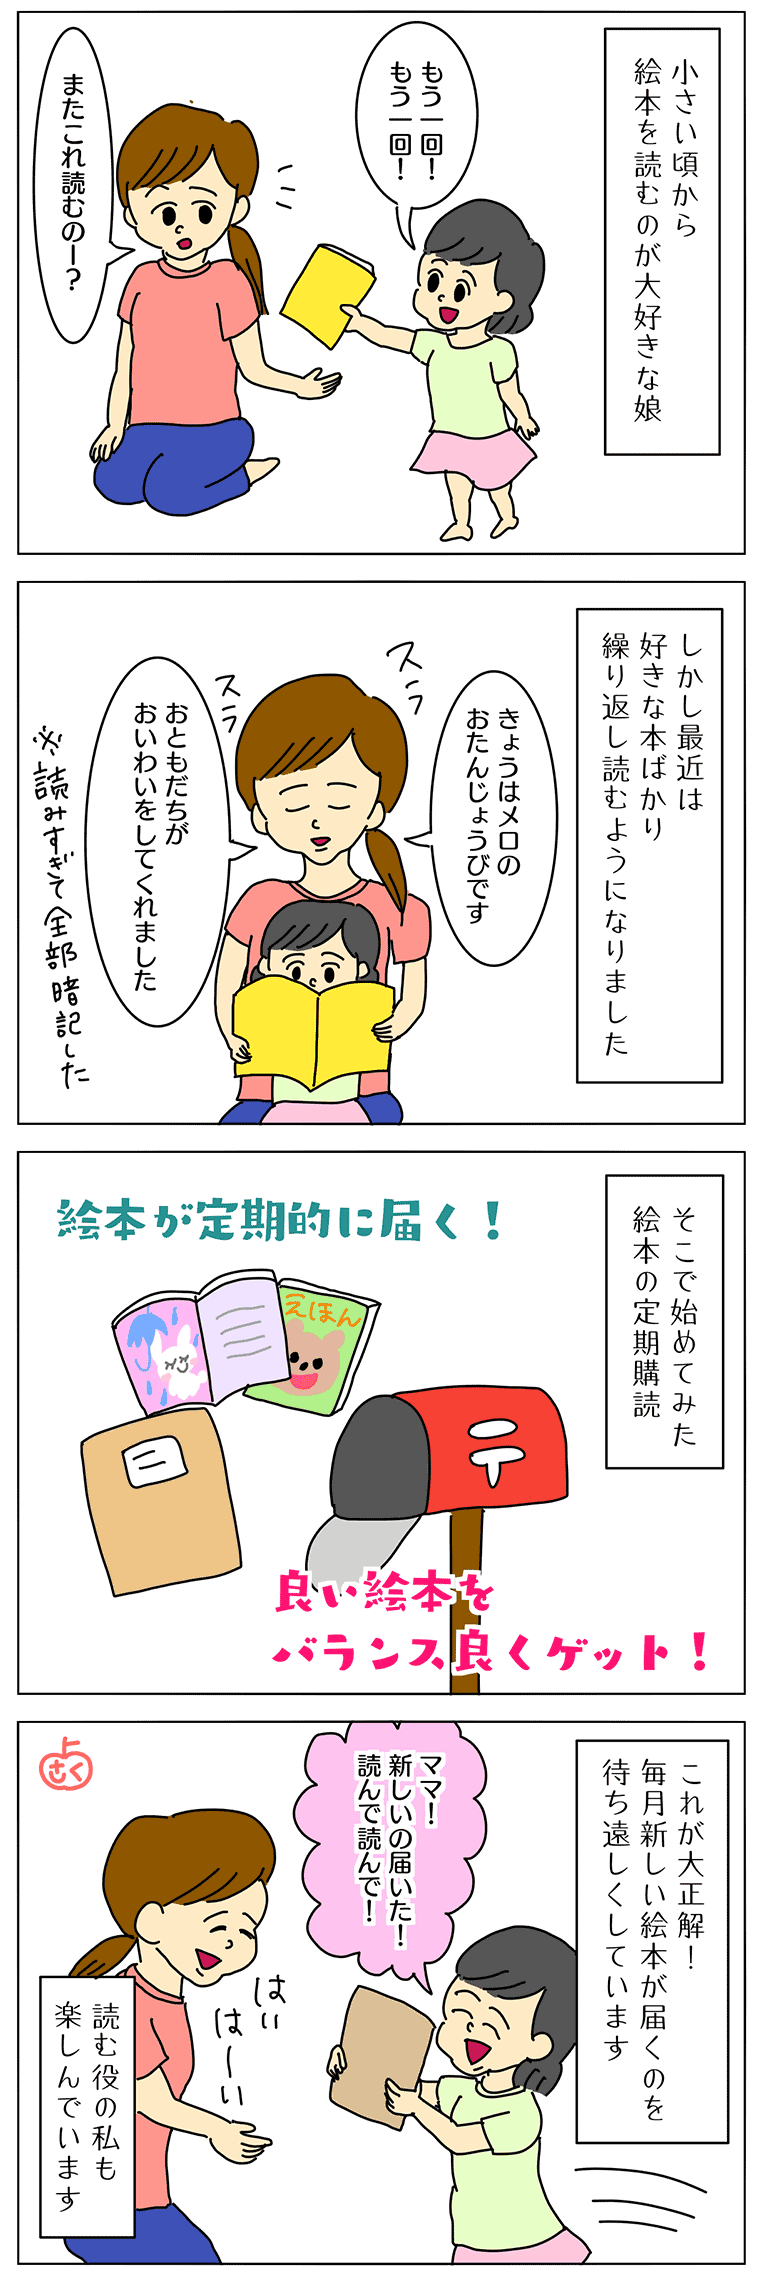 絵本の定期購読の子育て4コマ漫画